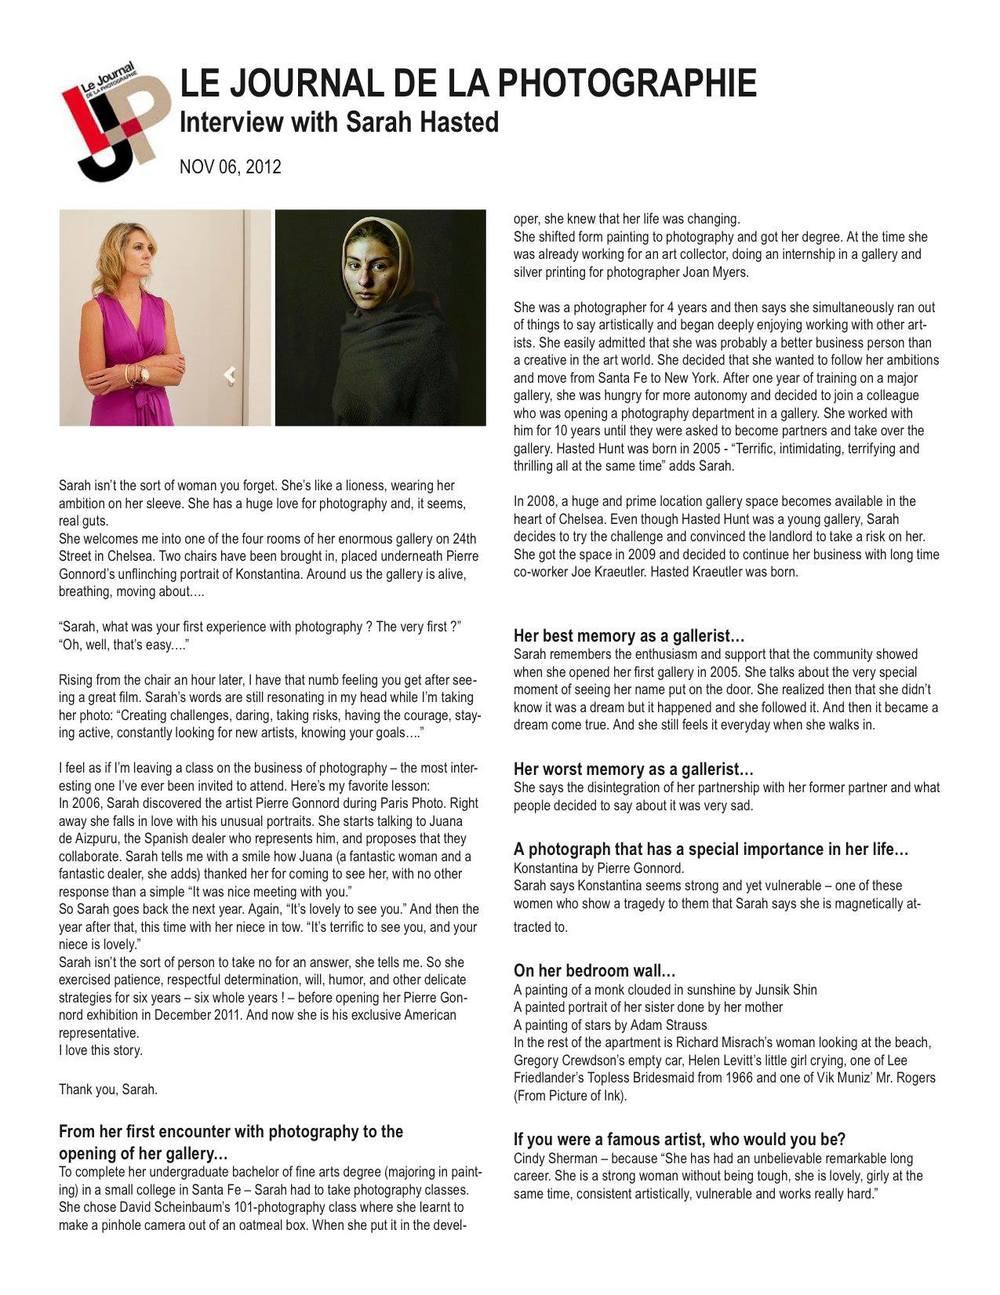 Sarah Hasted Interview: Le Journal de la Photographie